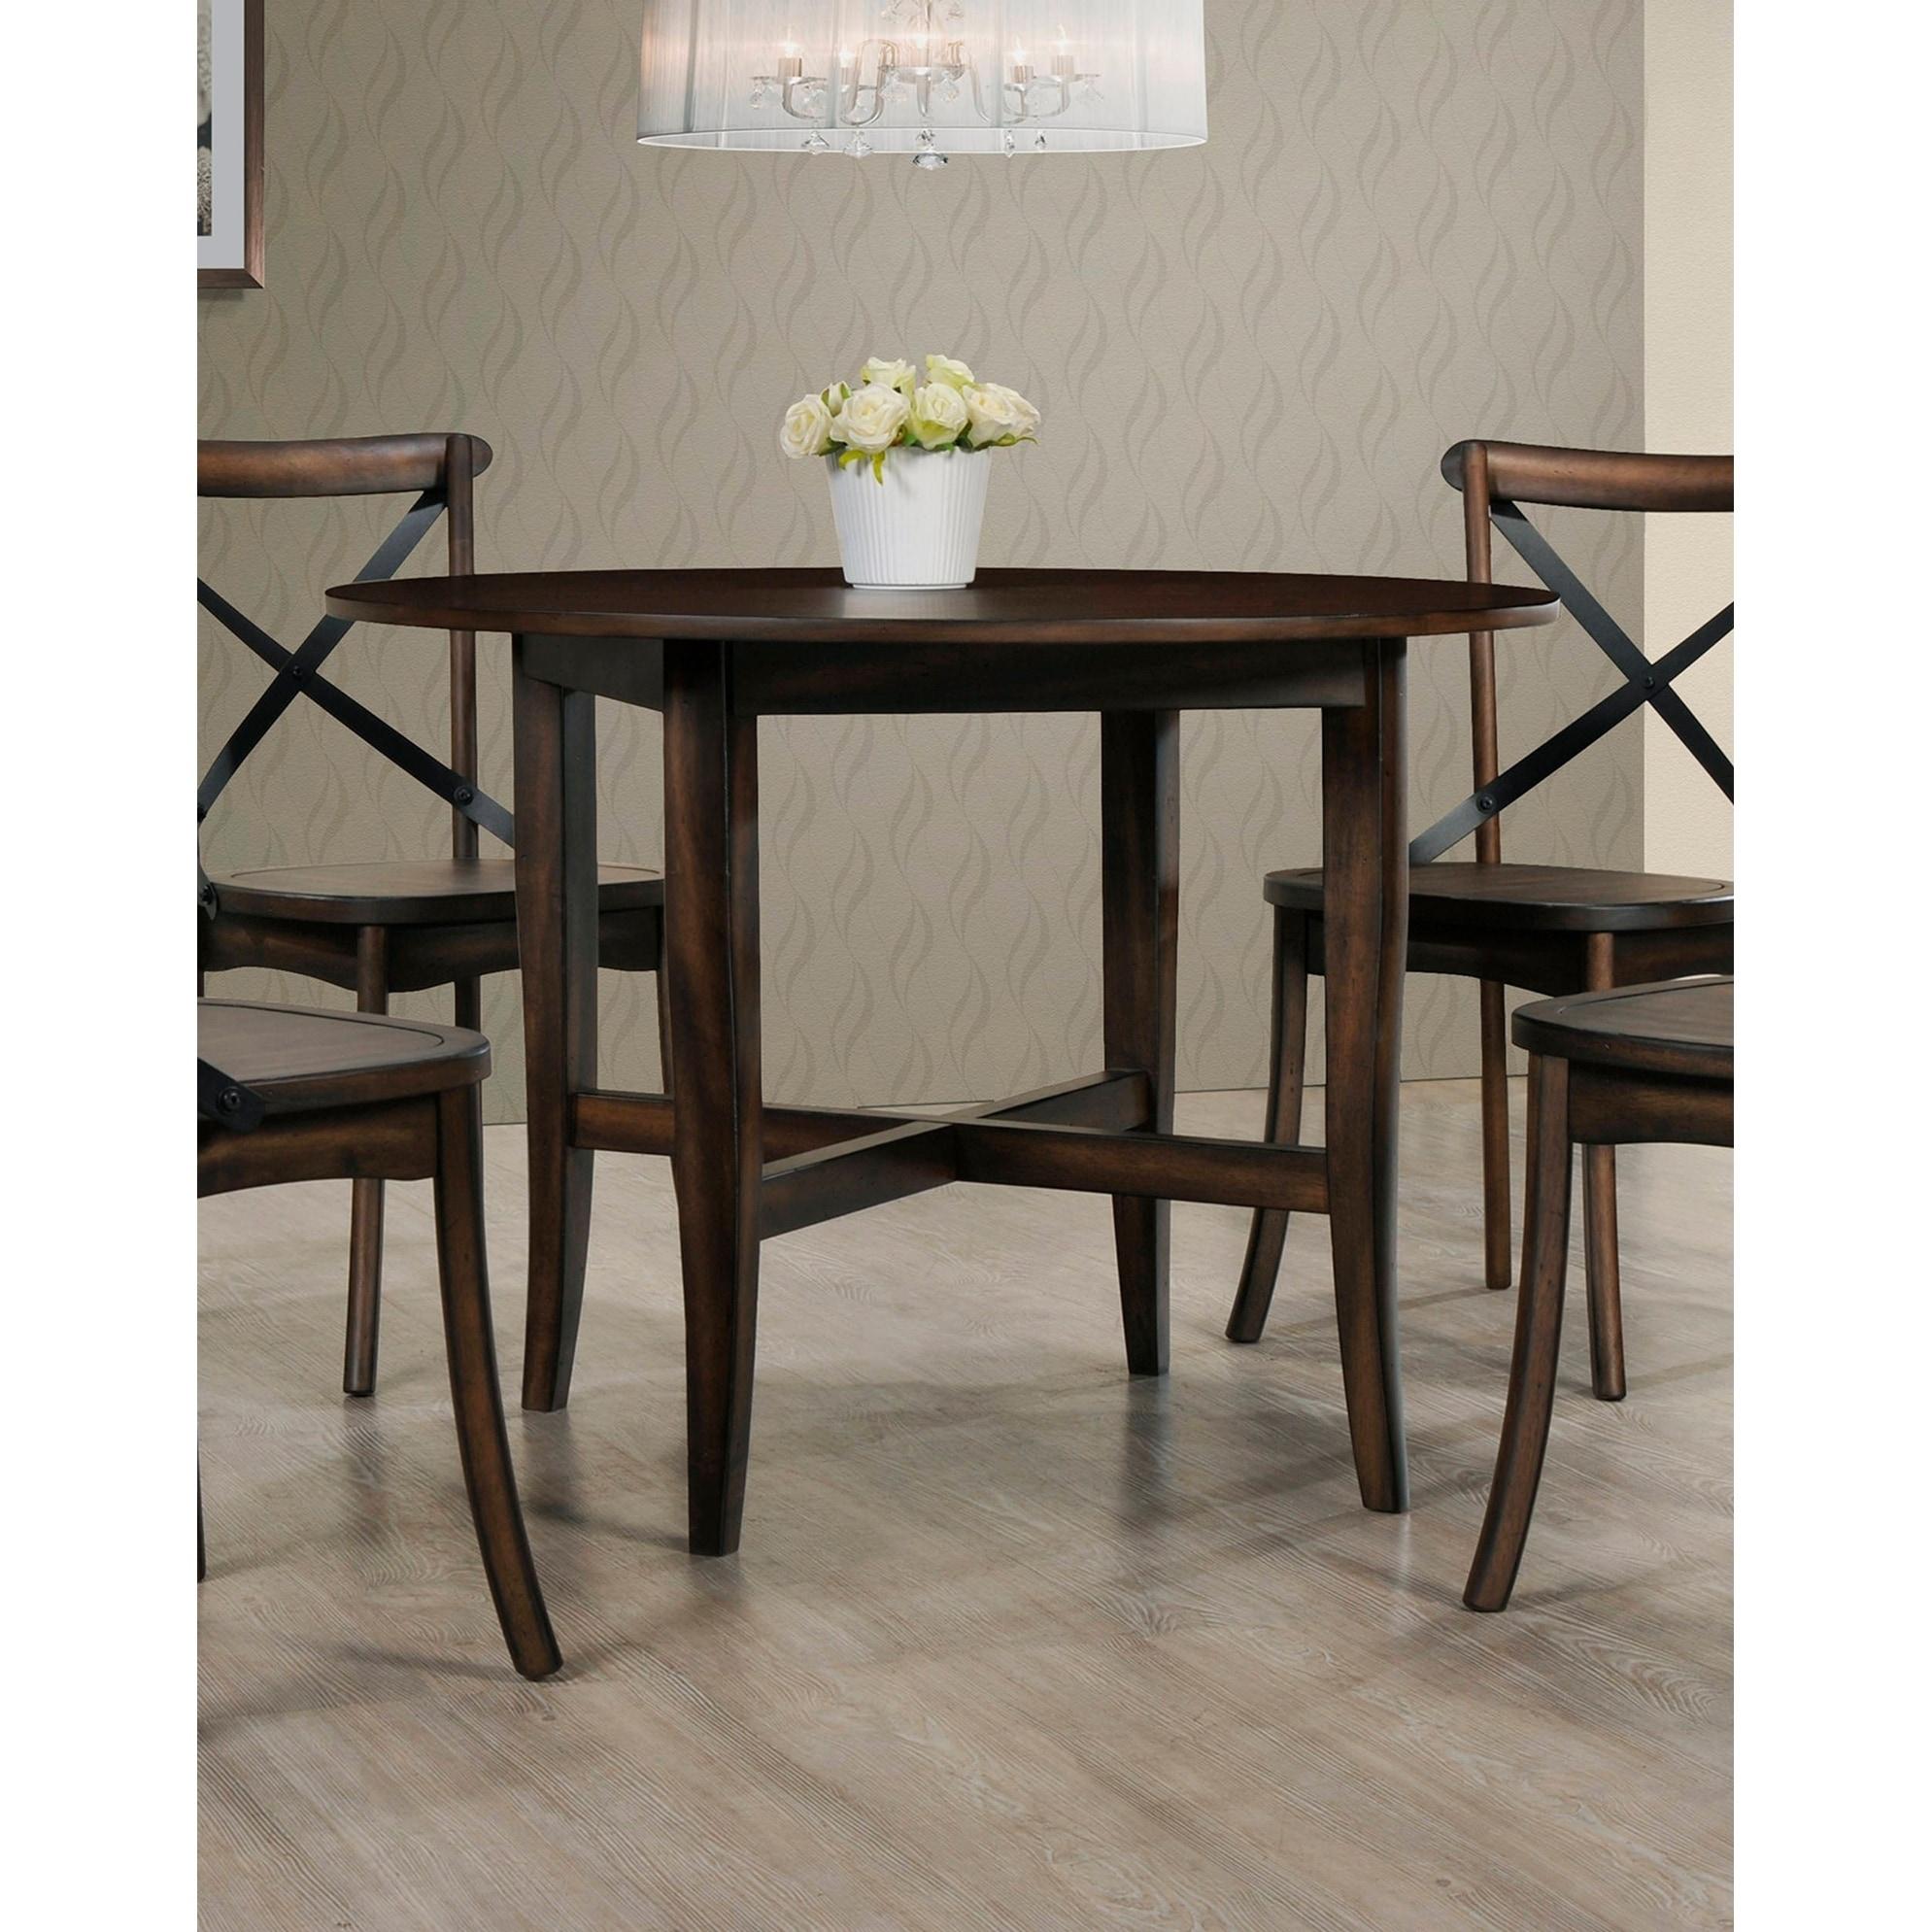 Best master furniture hillary burnished oak finish wood round dining table